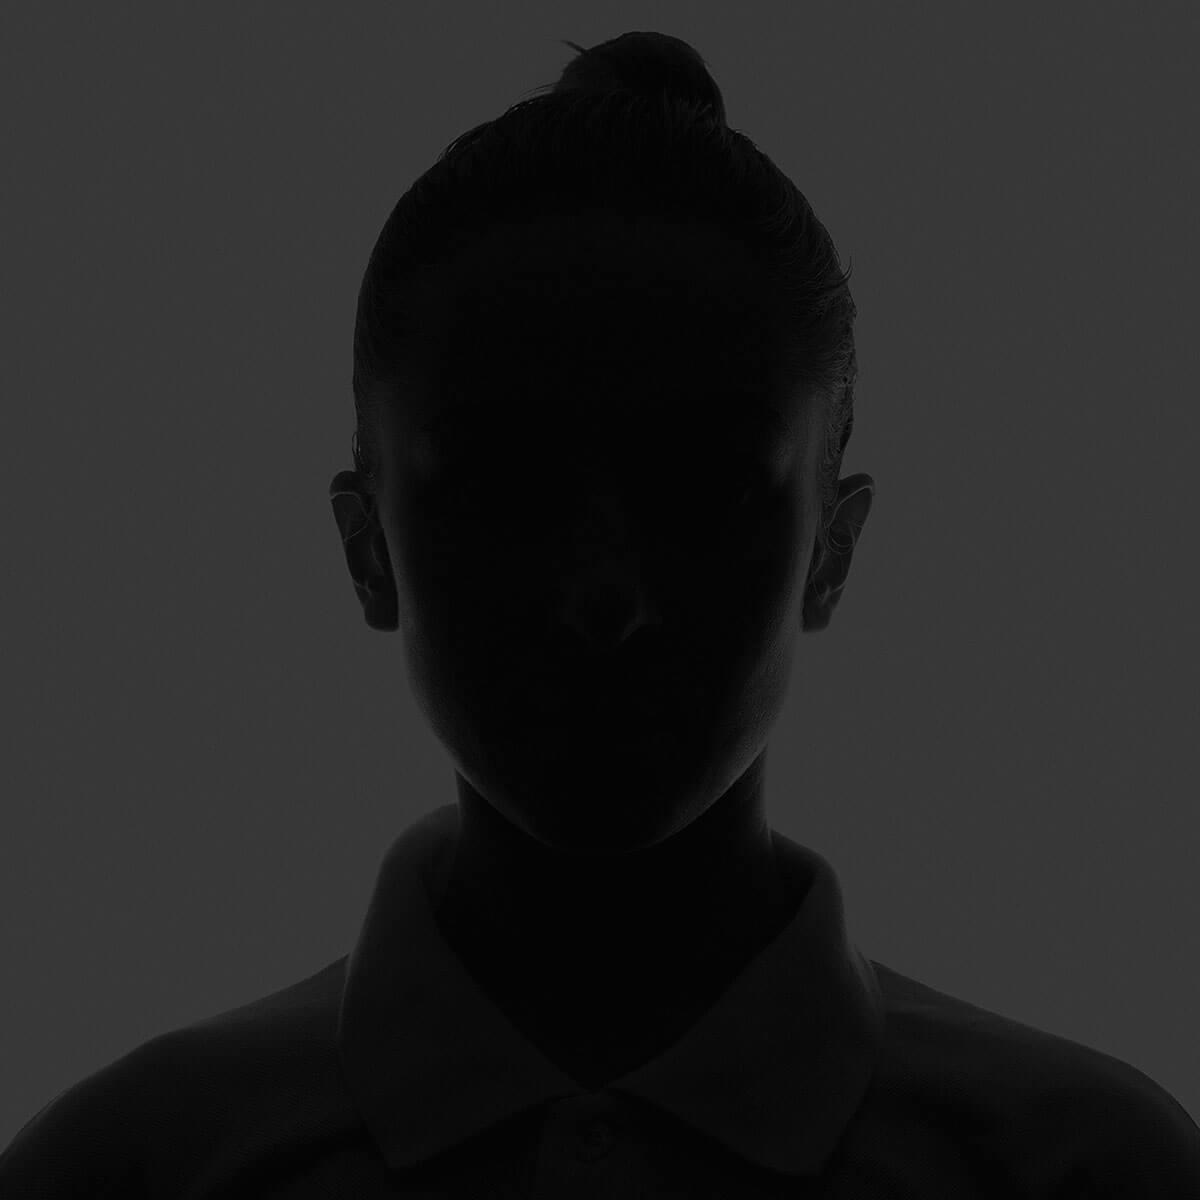 anonīms trauksmes cēlējs sieviete ziņošana